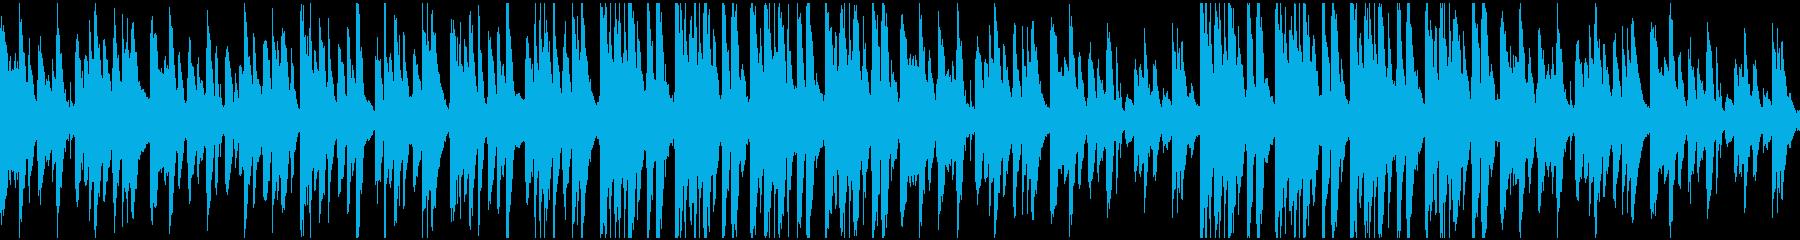 うきうきほのぼのな日常のBGMの再生済みの波形